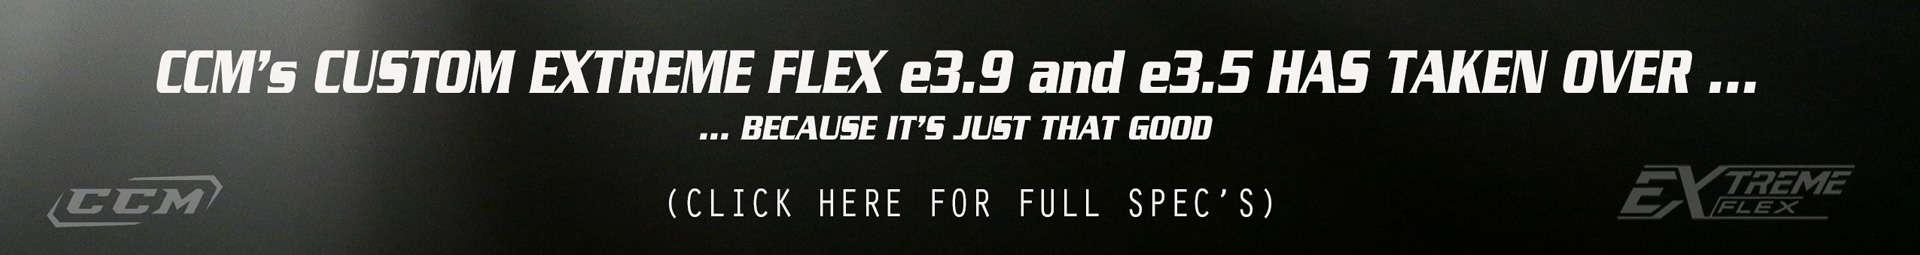 CCM Extreme Flex E3.9 – E.3.5 Custom Goalie Leg Pads